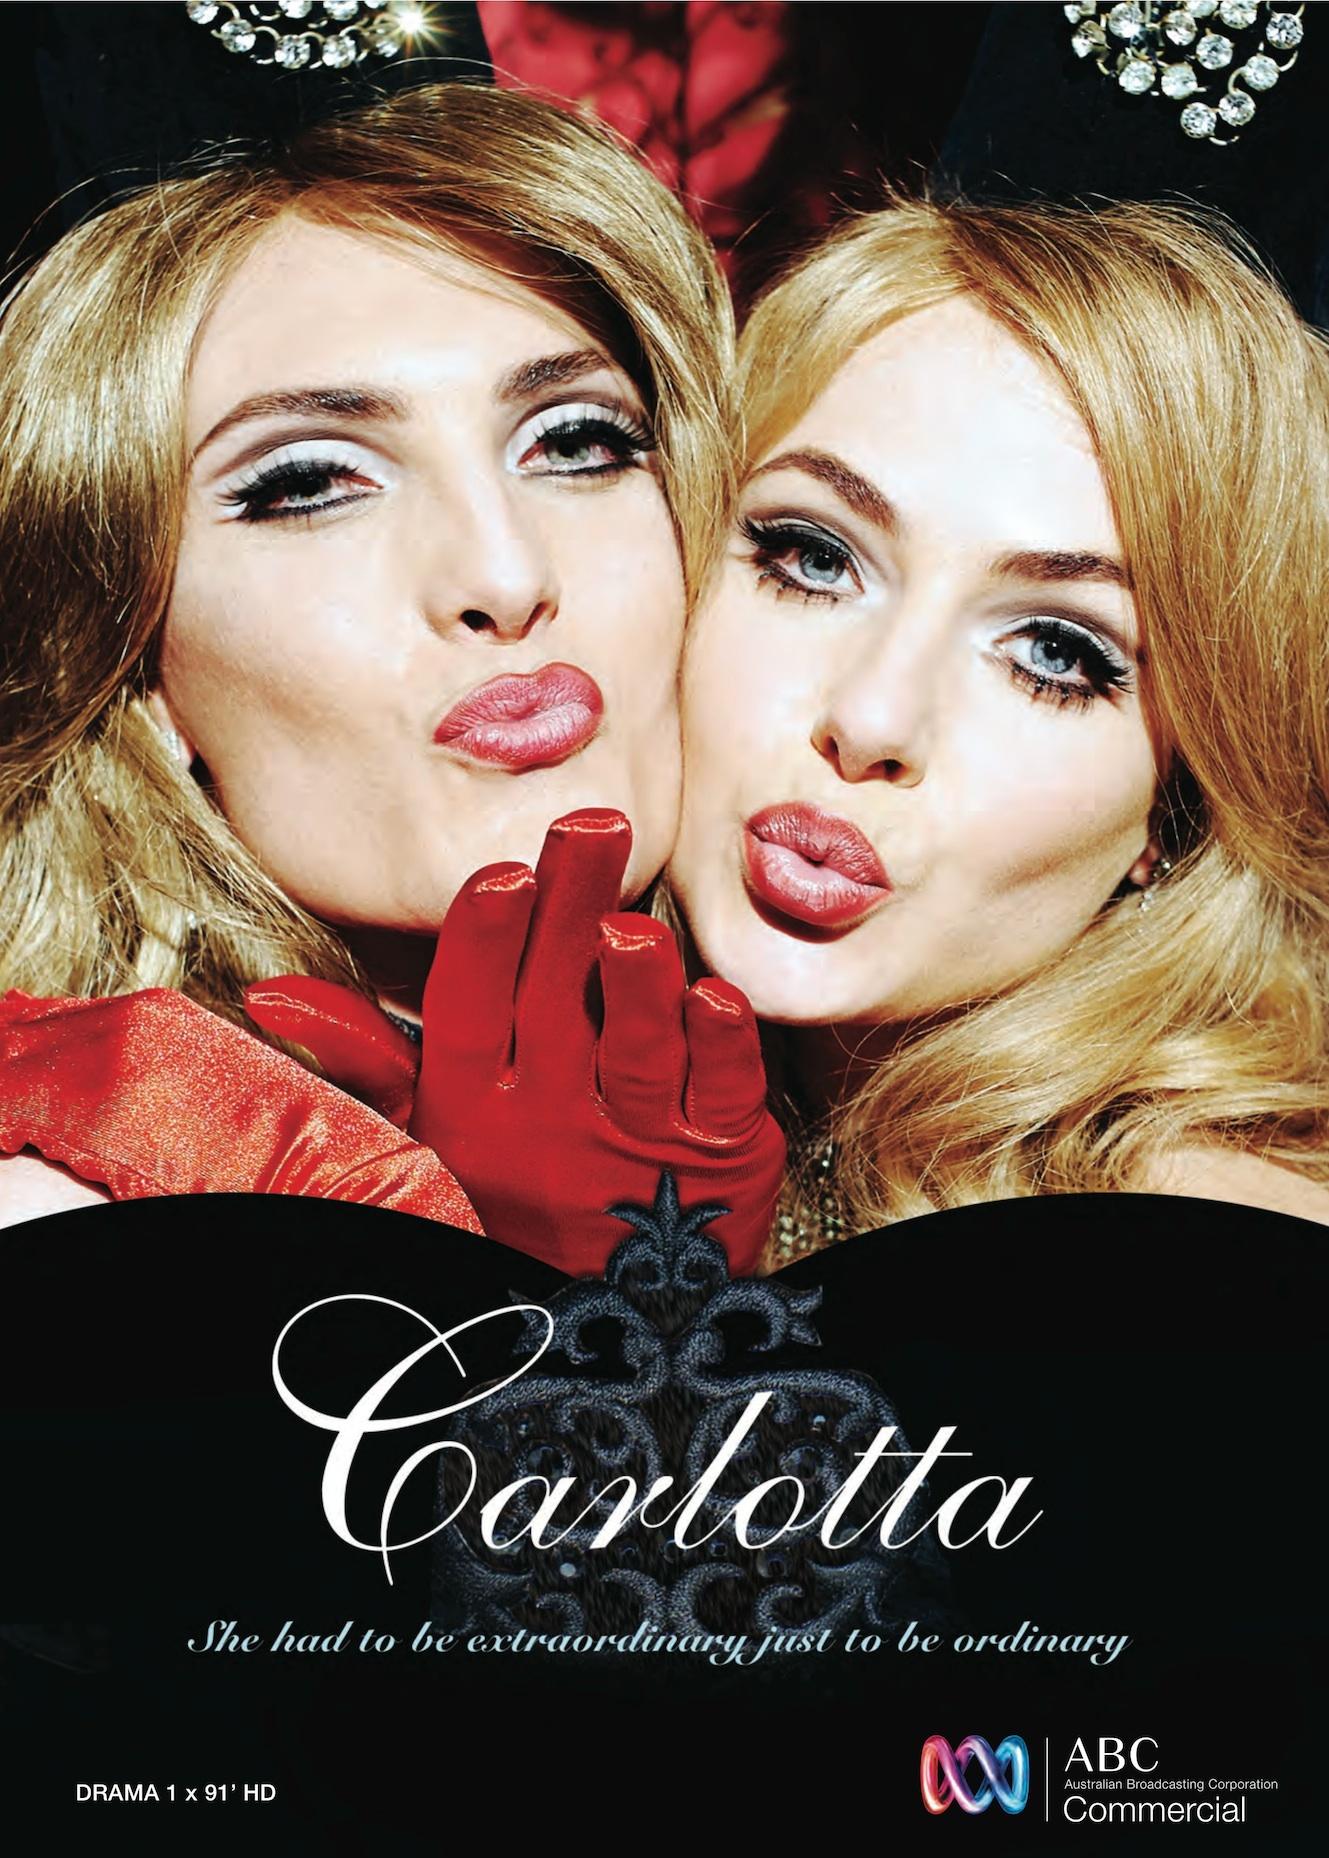 Carlotta (2013)